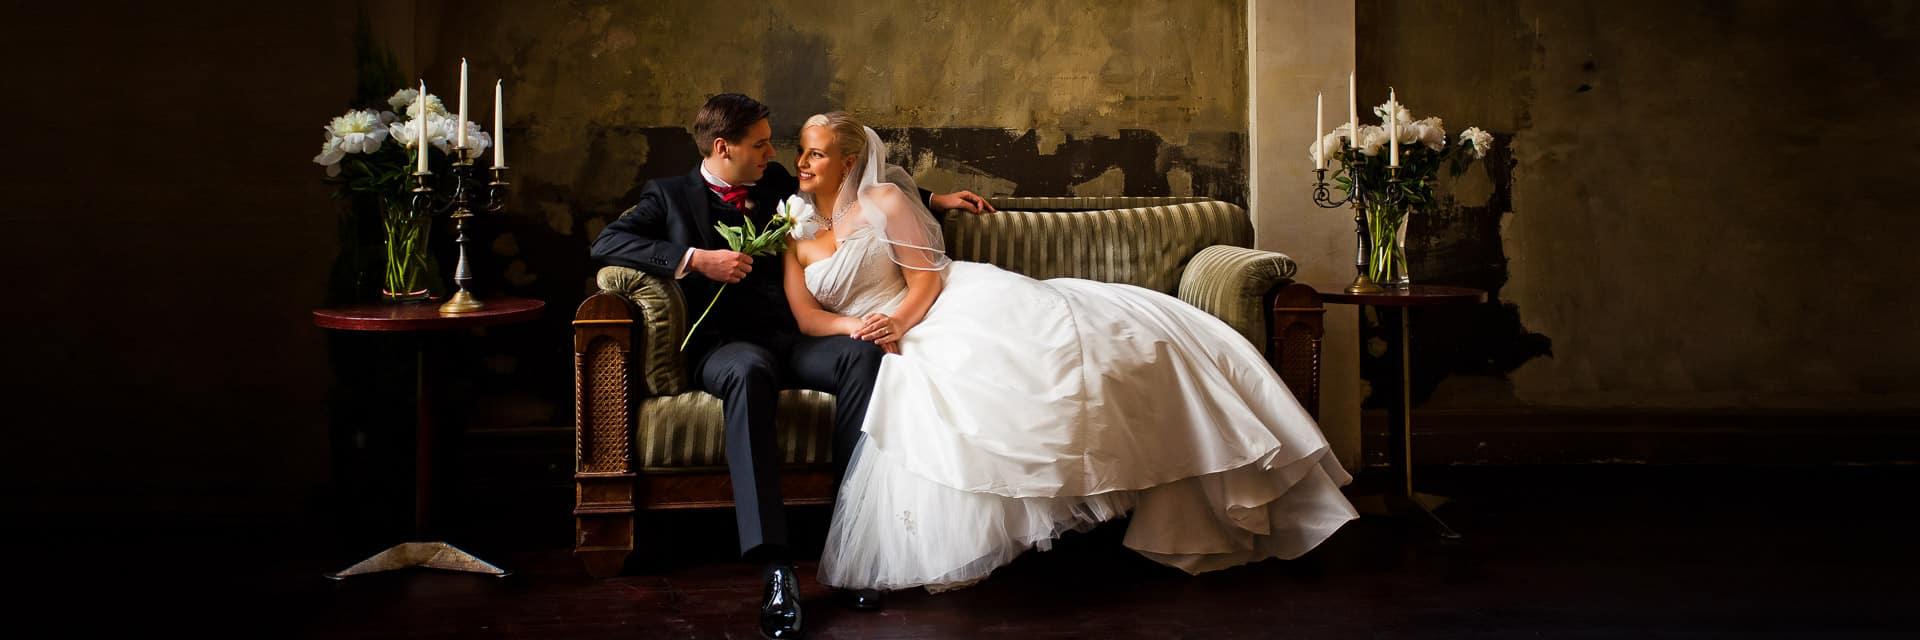 Brautpaar auf Couch